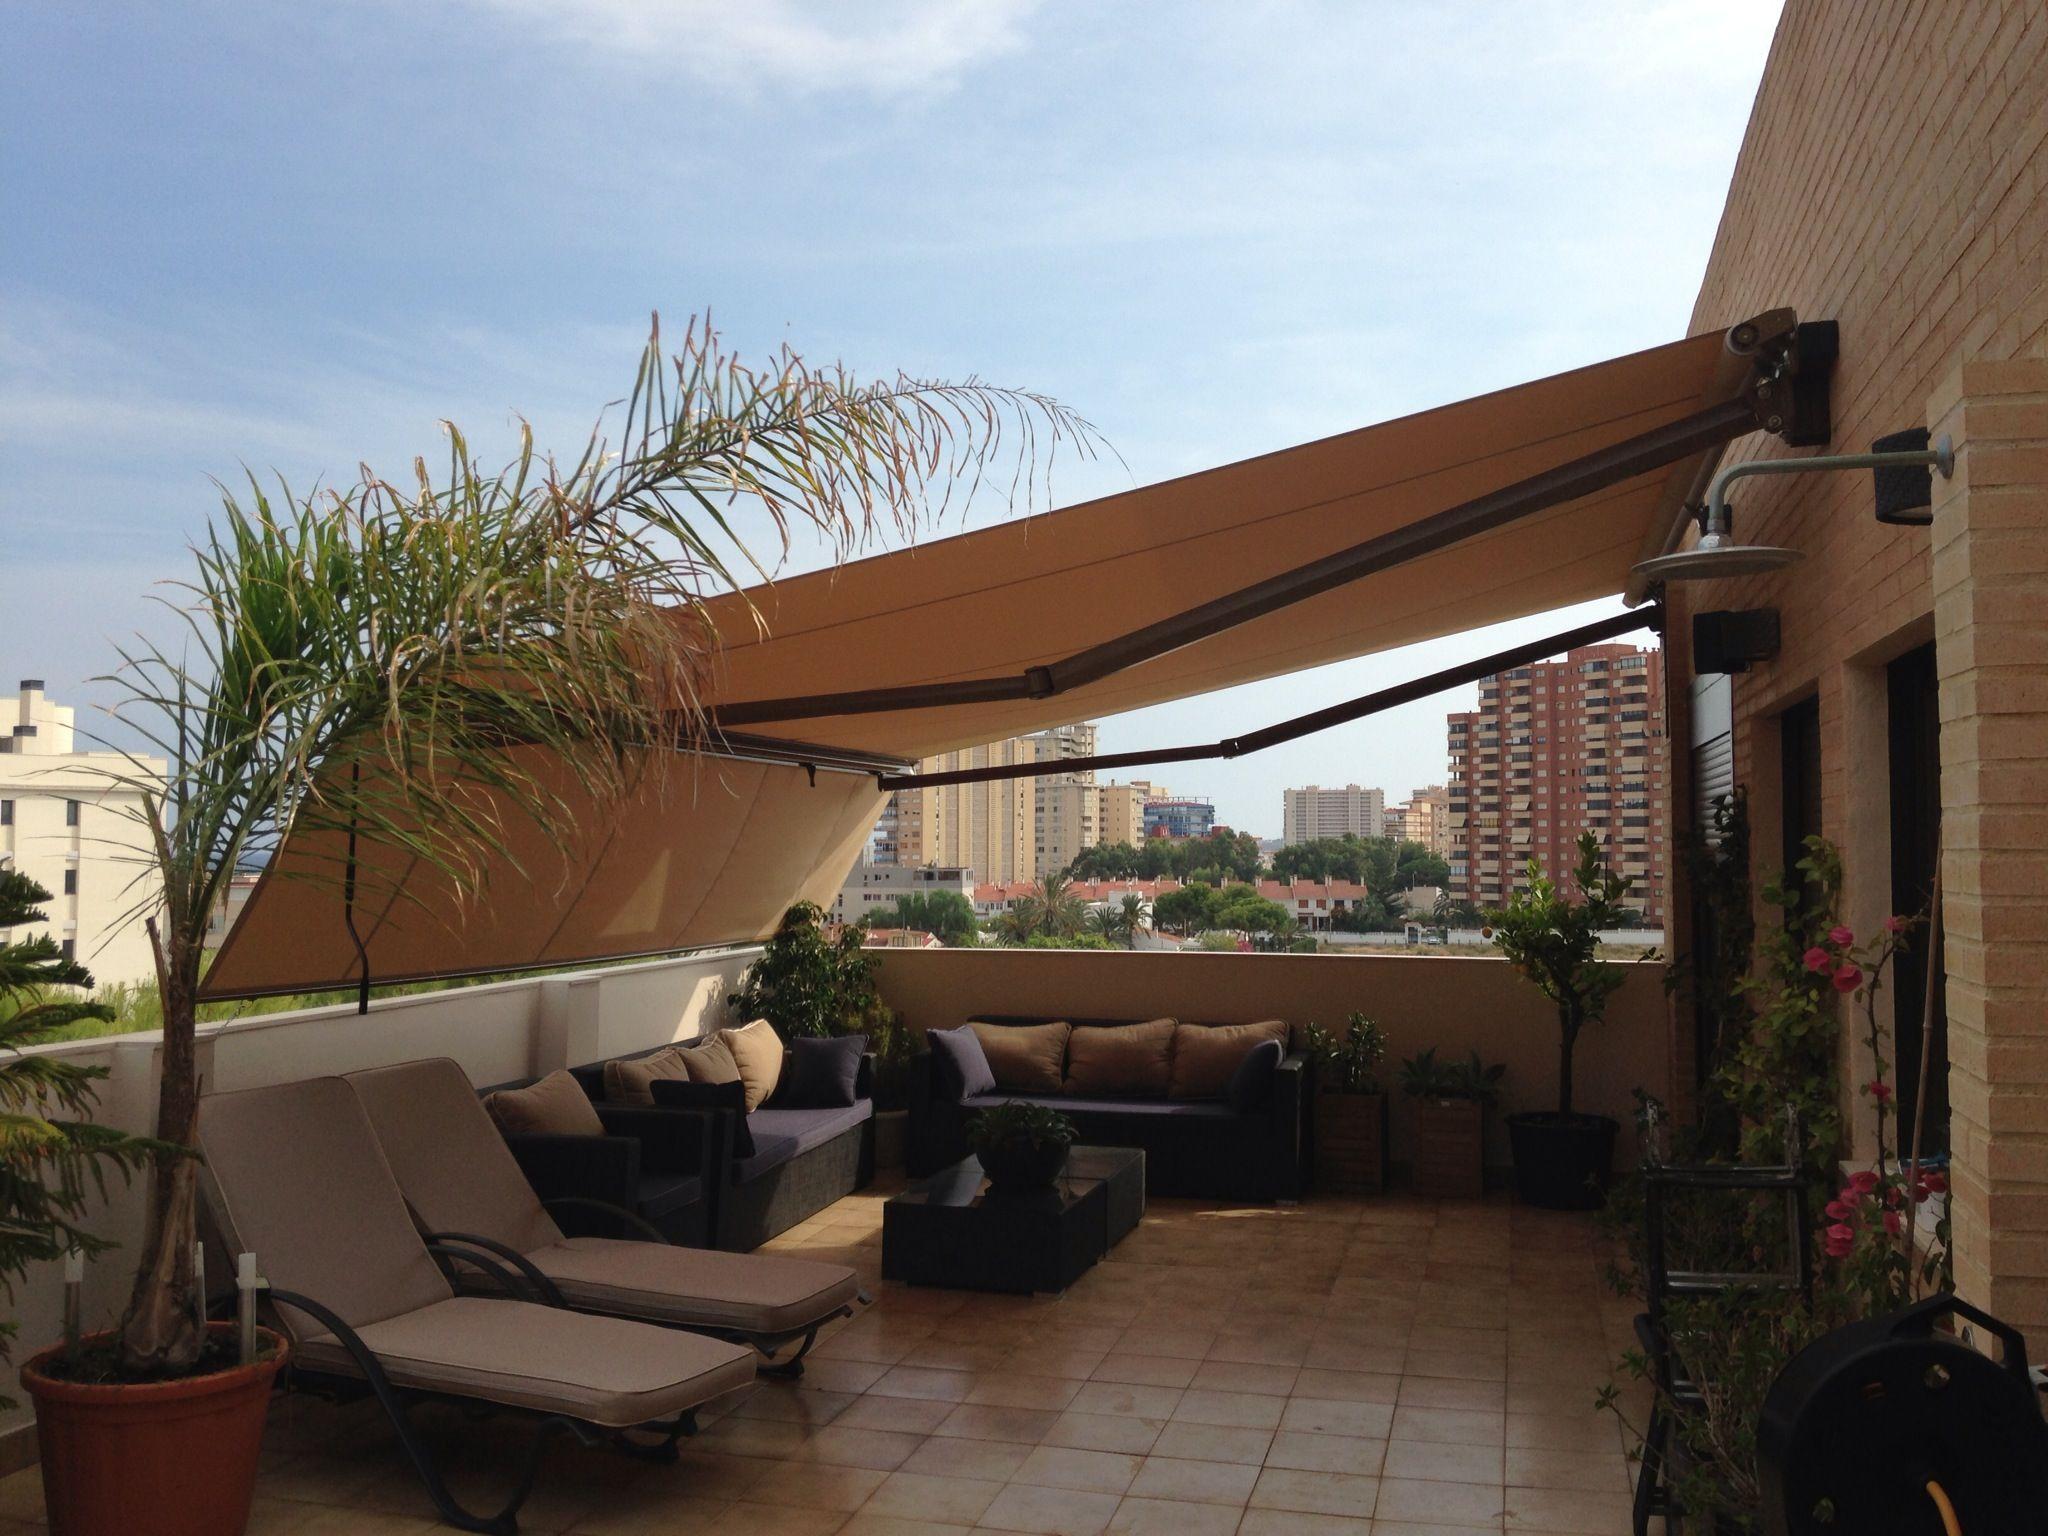 Toldo terraza toldos en 2019 terrace decor garden - Toldos para patios precios ...